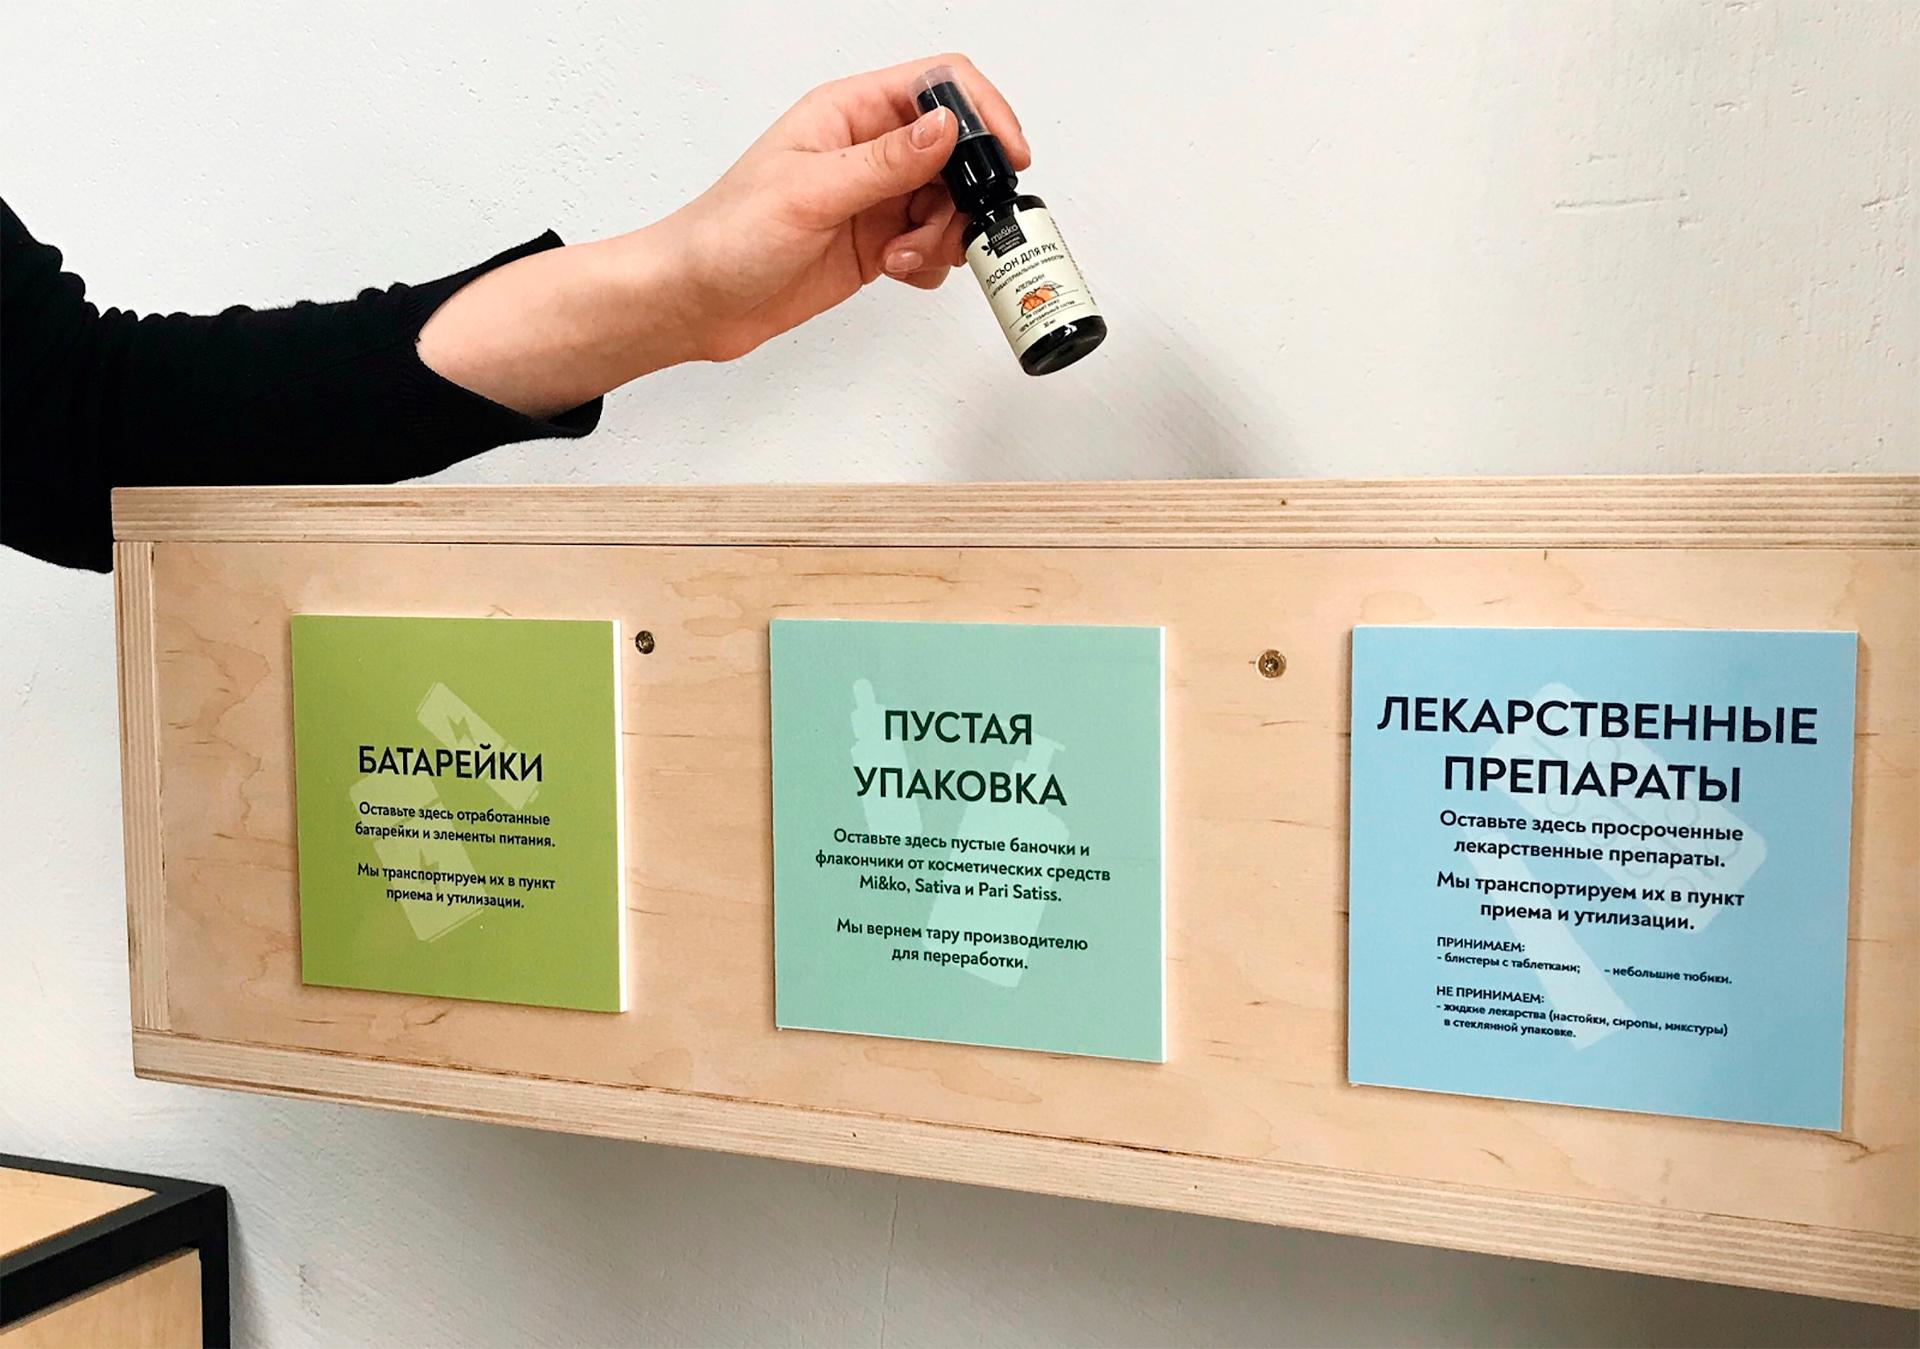 ящик для просроченных лекарств, батареек, косметических упаковок